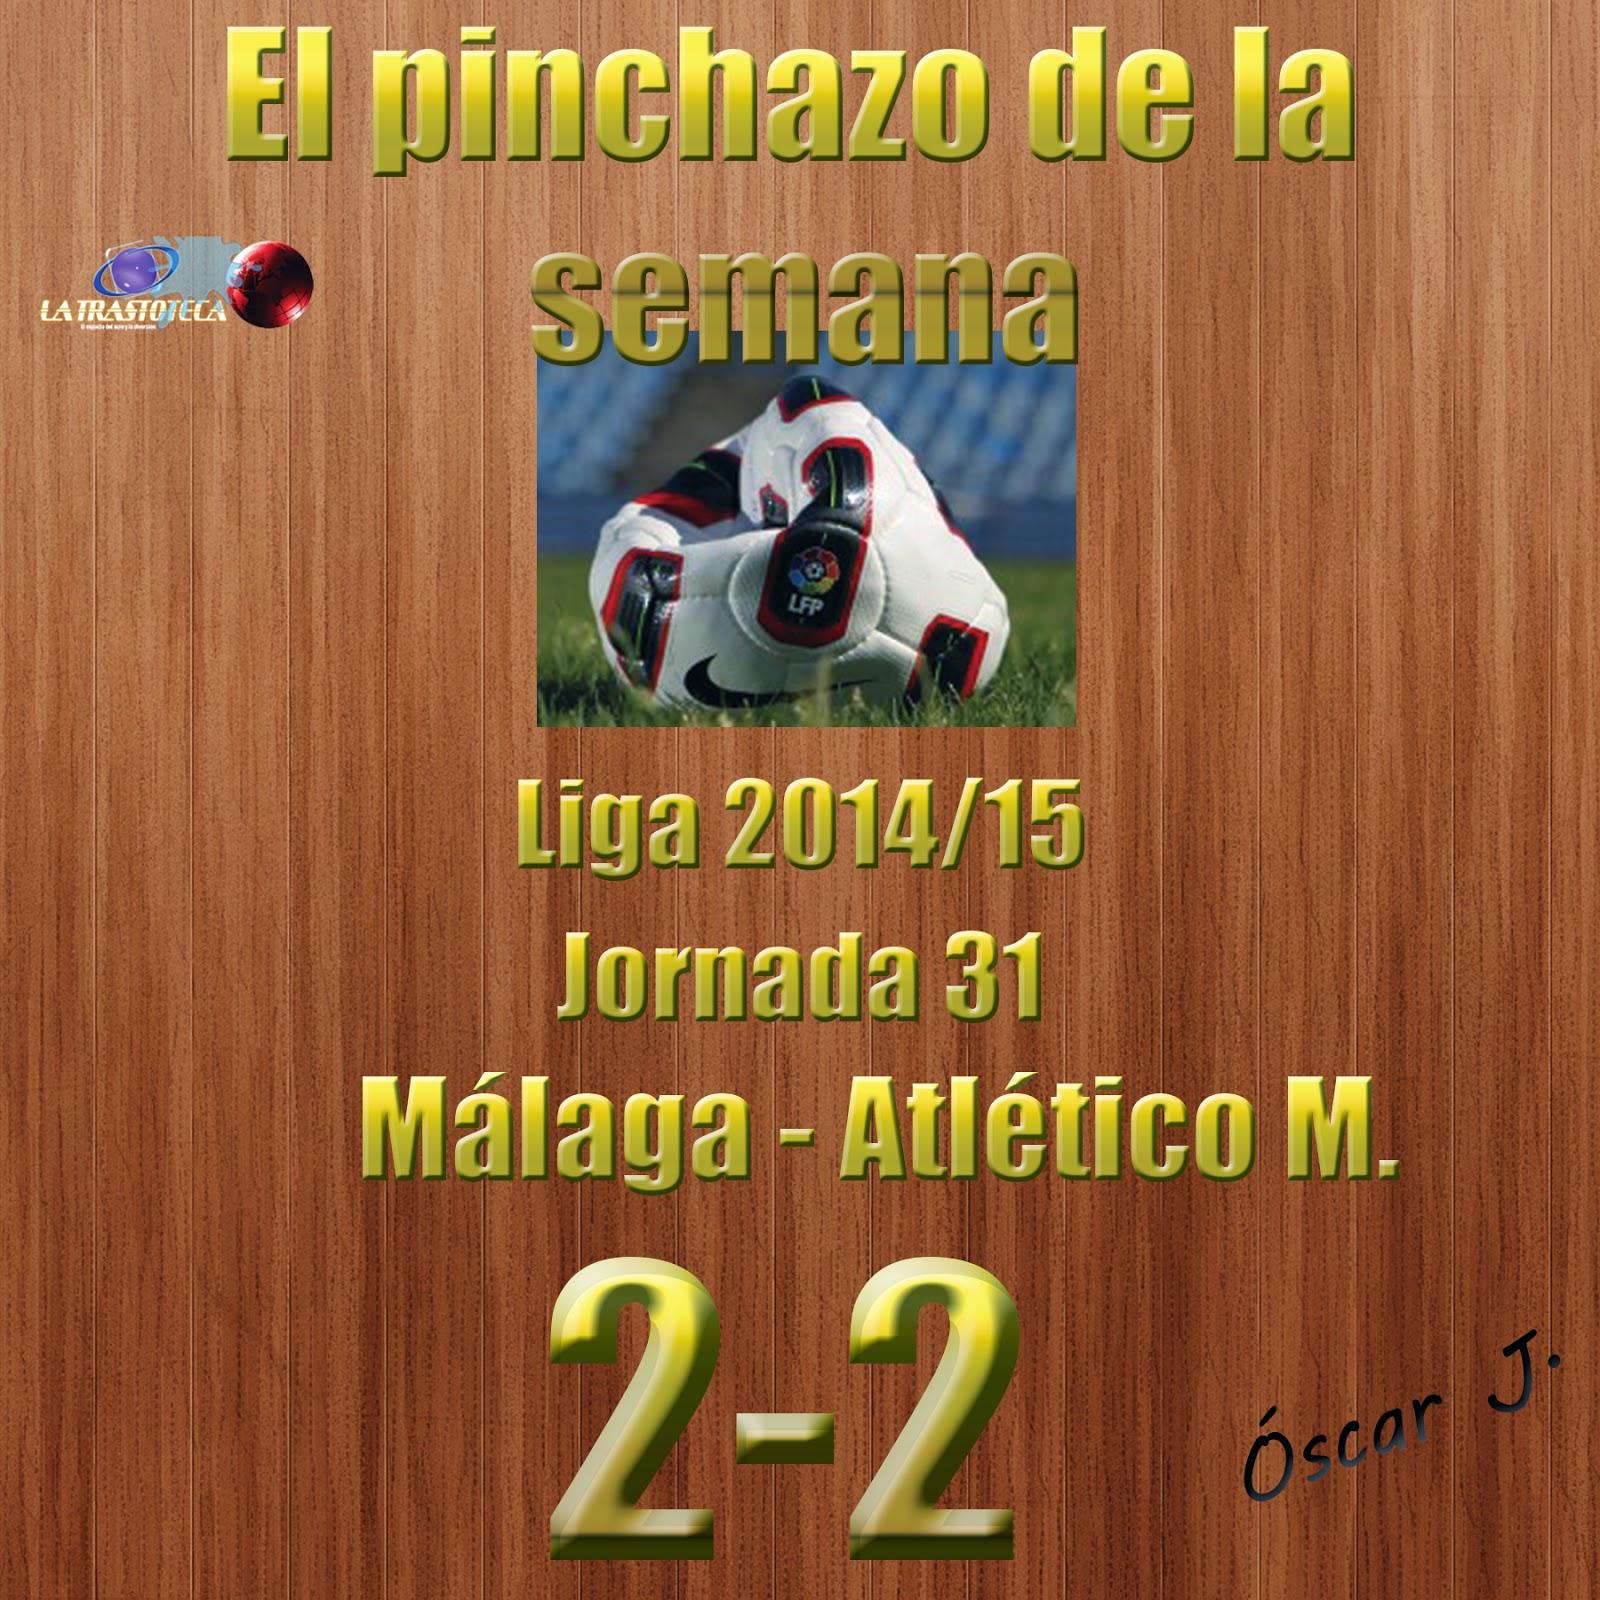 Málaga 2-2 Atlético Madrid. Liga 2014/15. Jornada 31. El pinchazo de la semana.